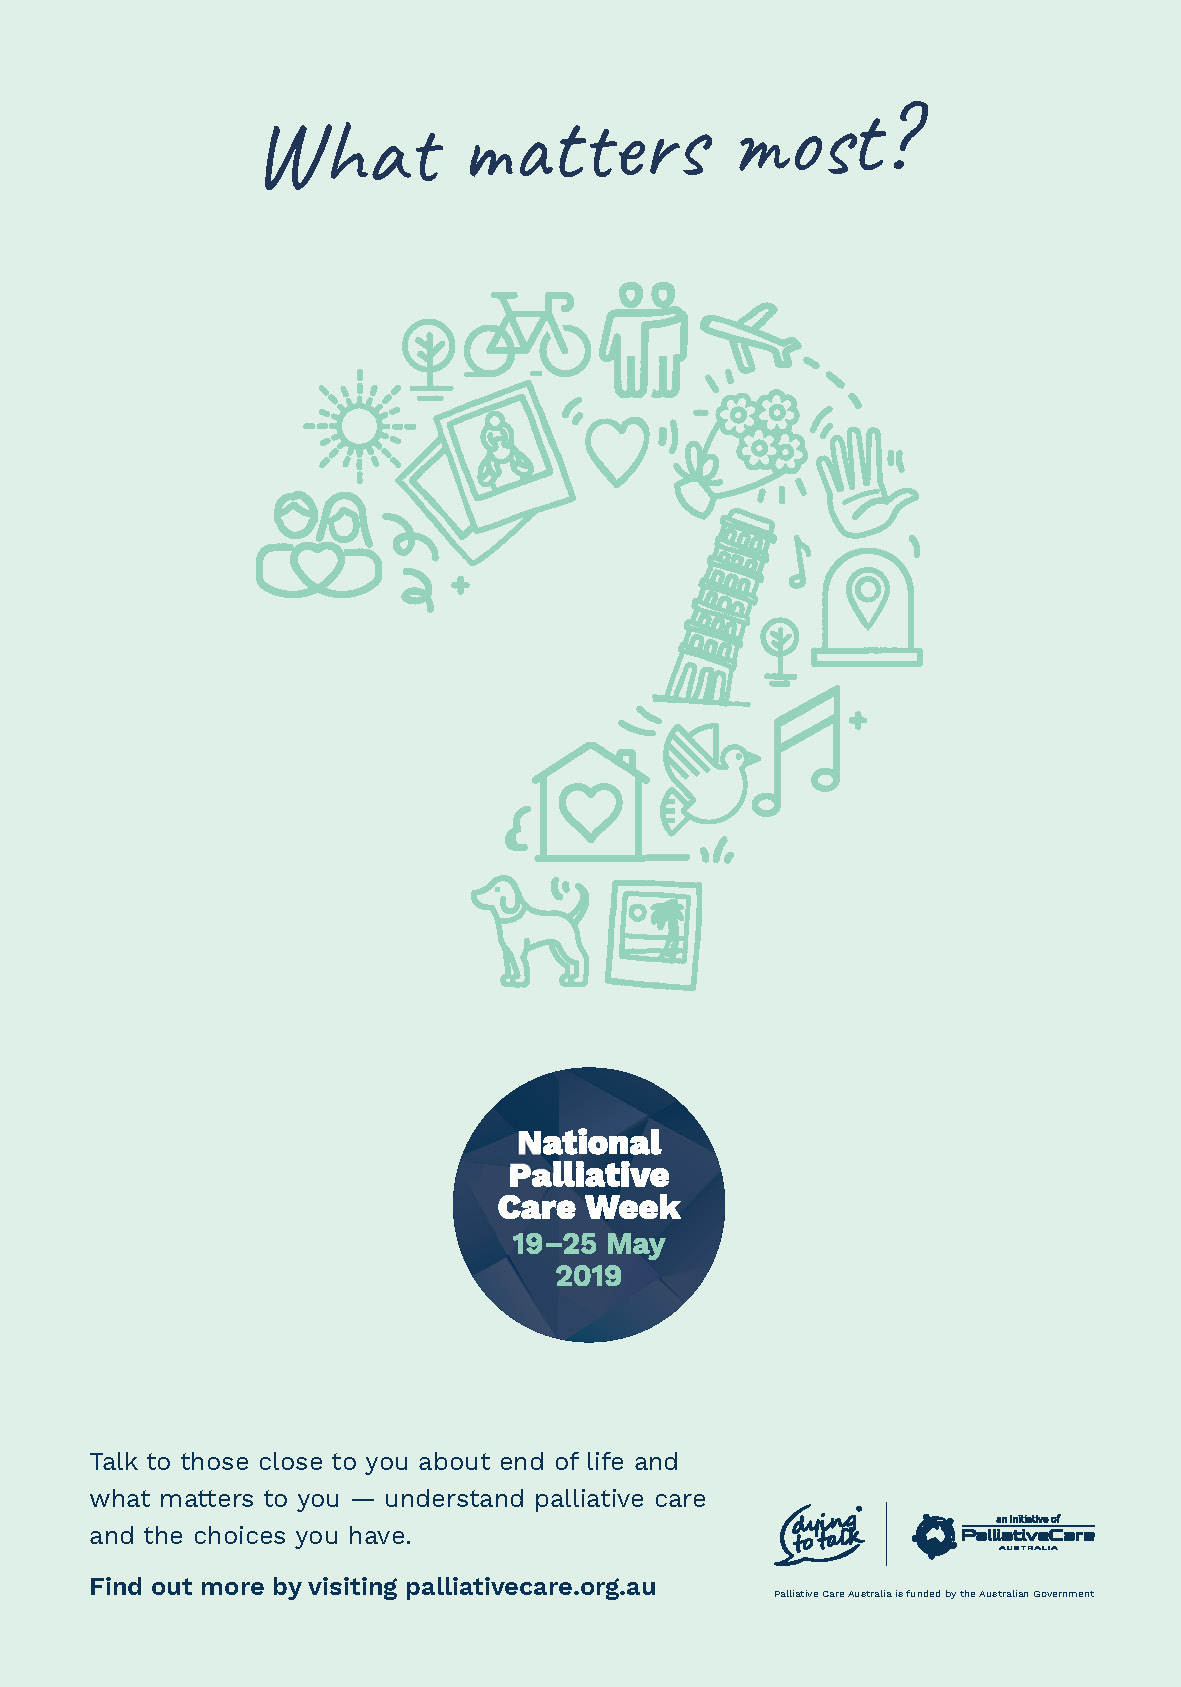 National Palliative Care Week - Palliative Care